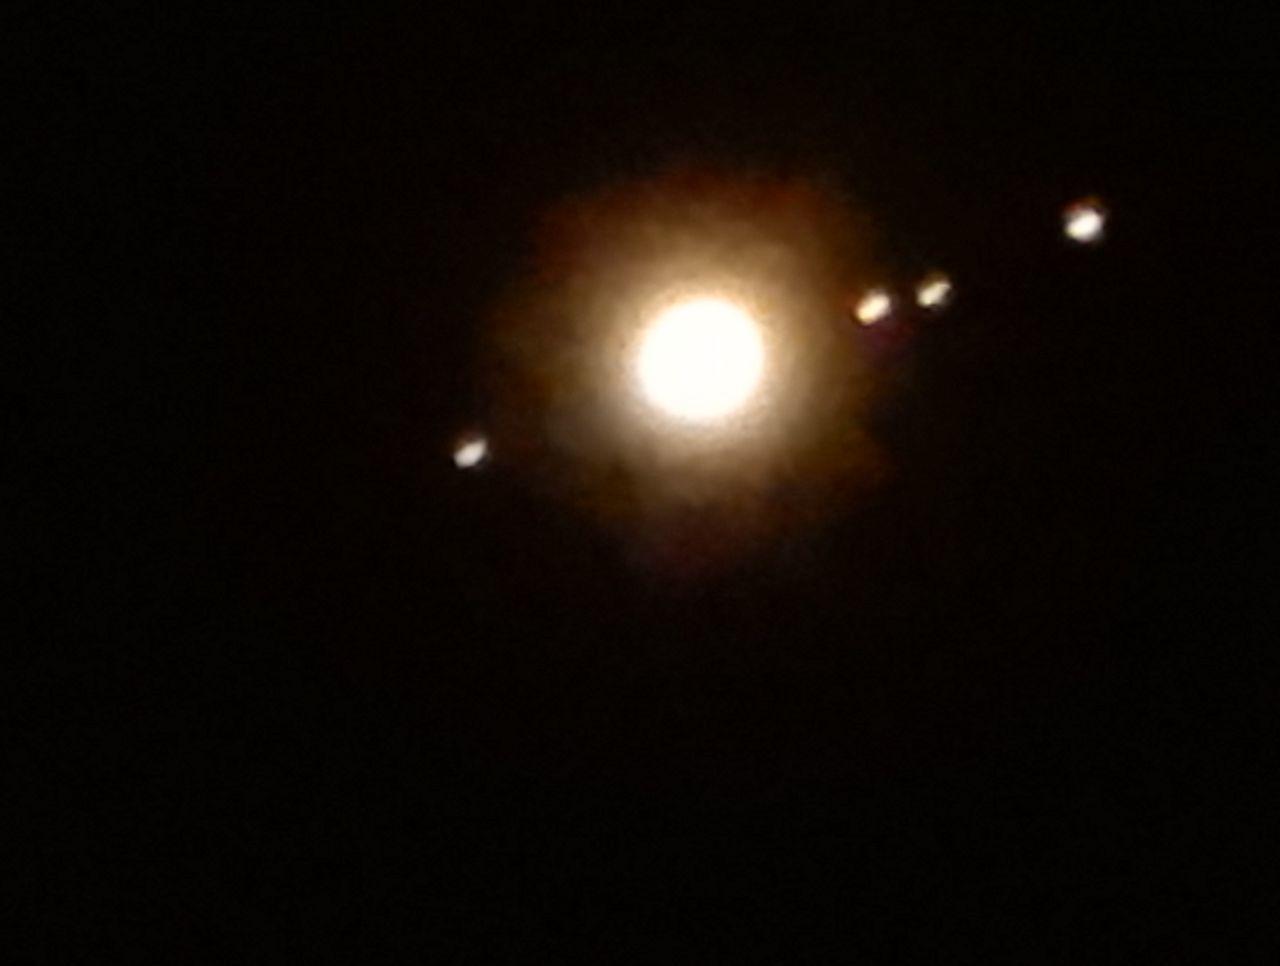 木星と衛星なのか?_c0025115_22323584.jpg